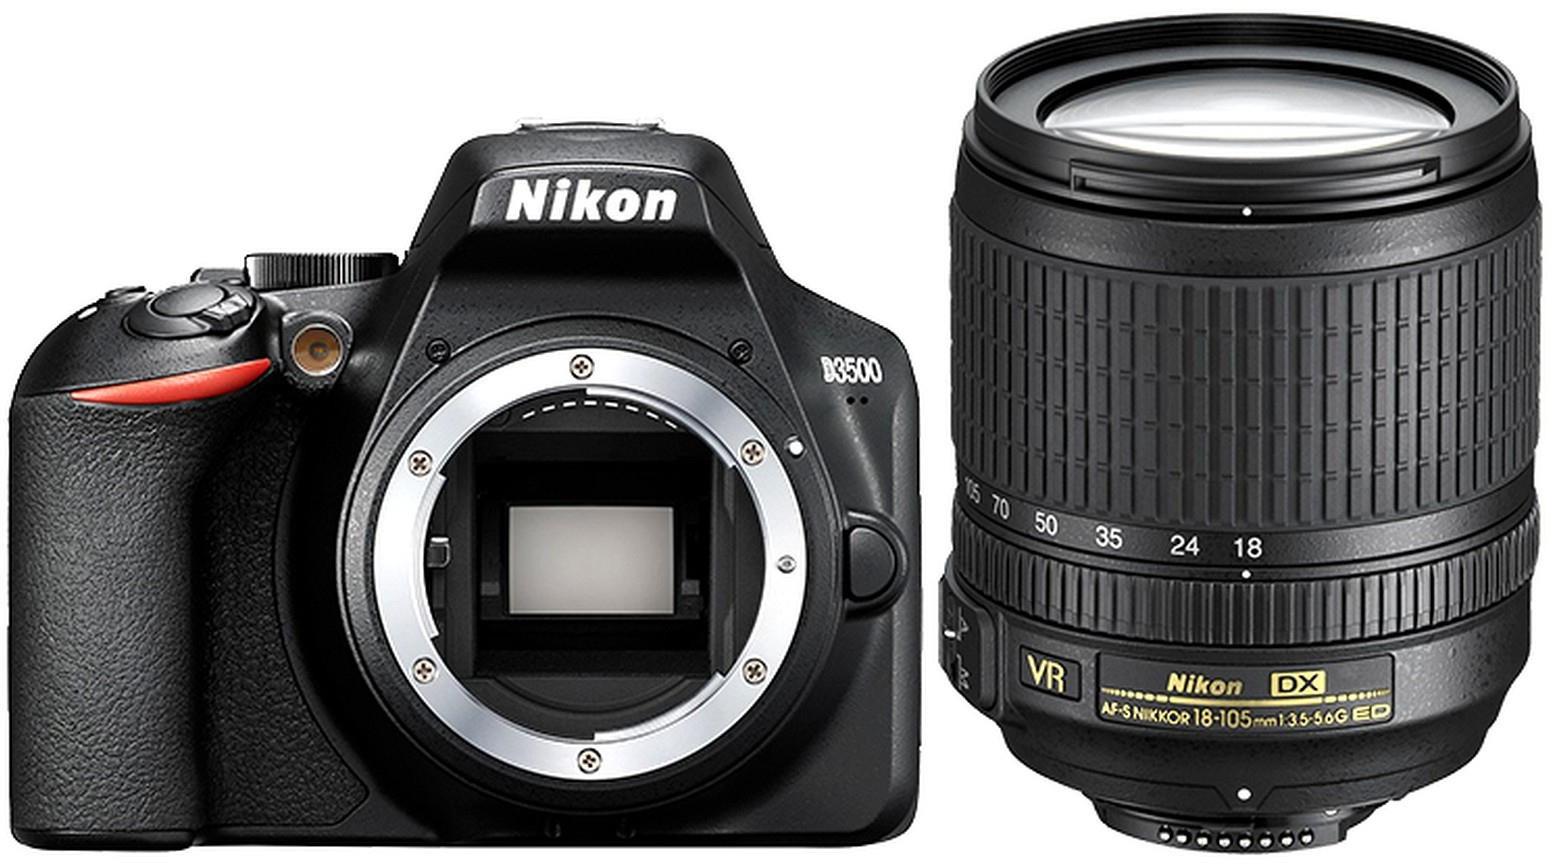 Зеркальная фотокамера Nikon D3500 18-140mm, цвет: черный зеркальный фотоаппарат nikon d3400 kit 18 55mm f 3 5 5 6 vr af p черный